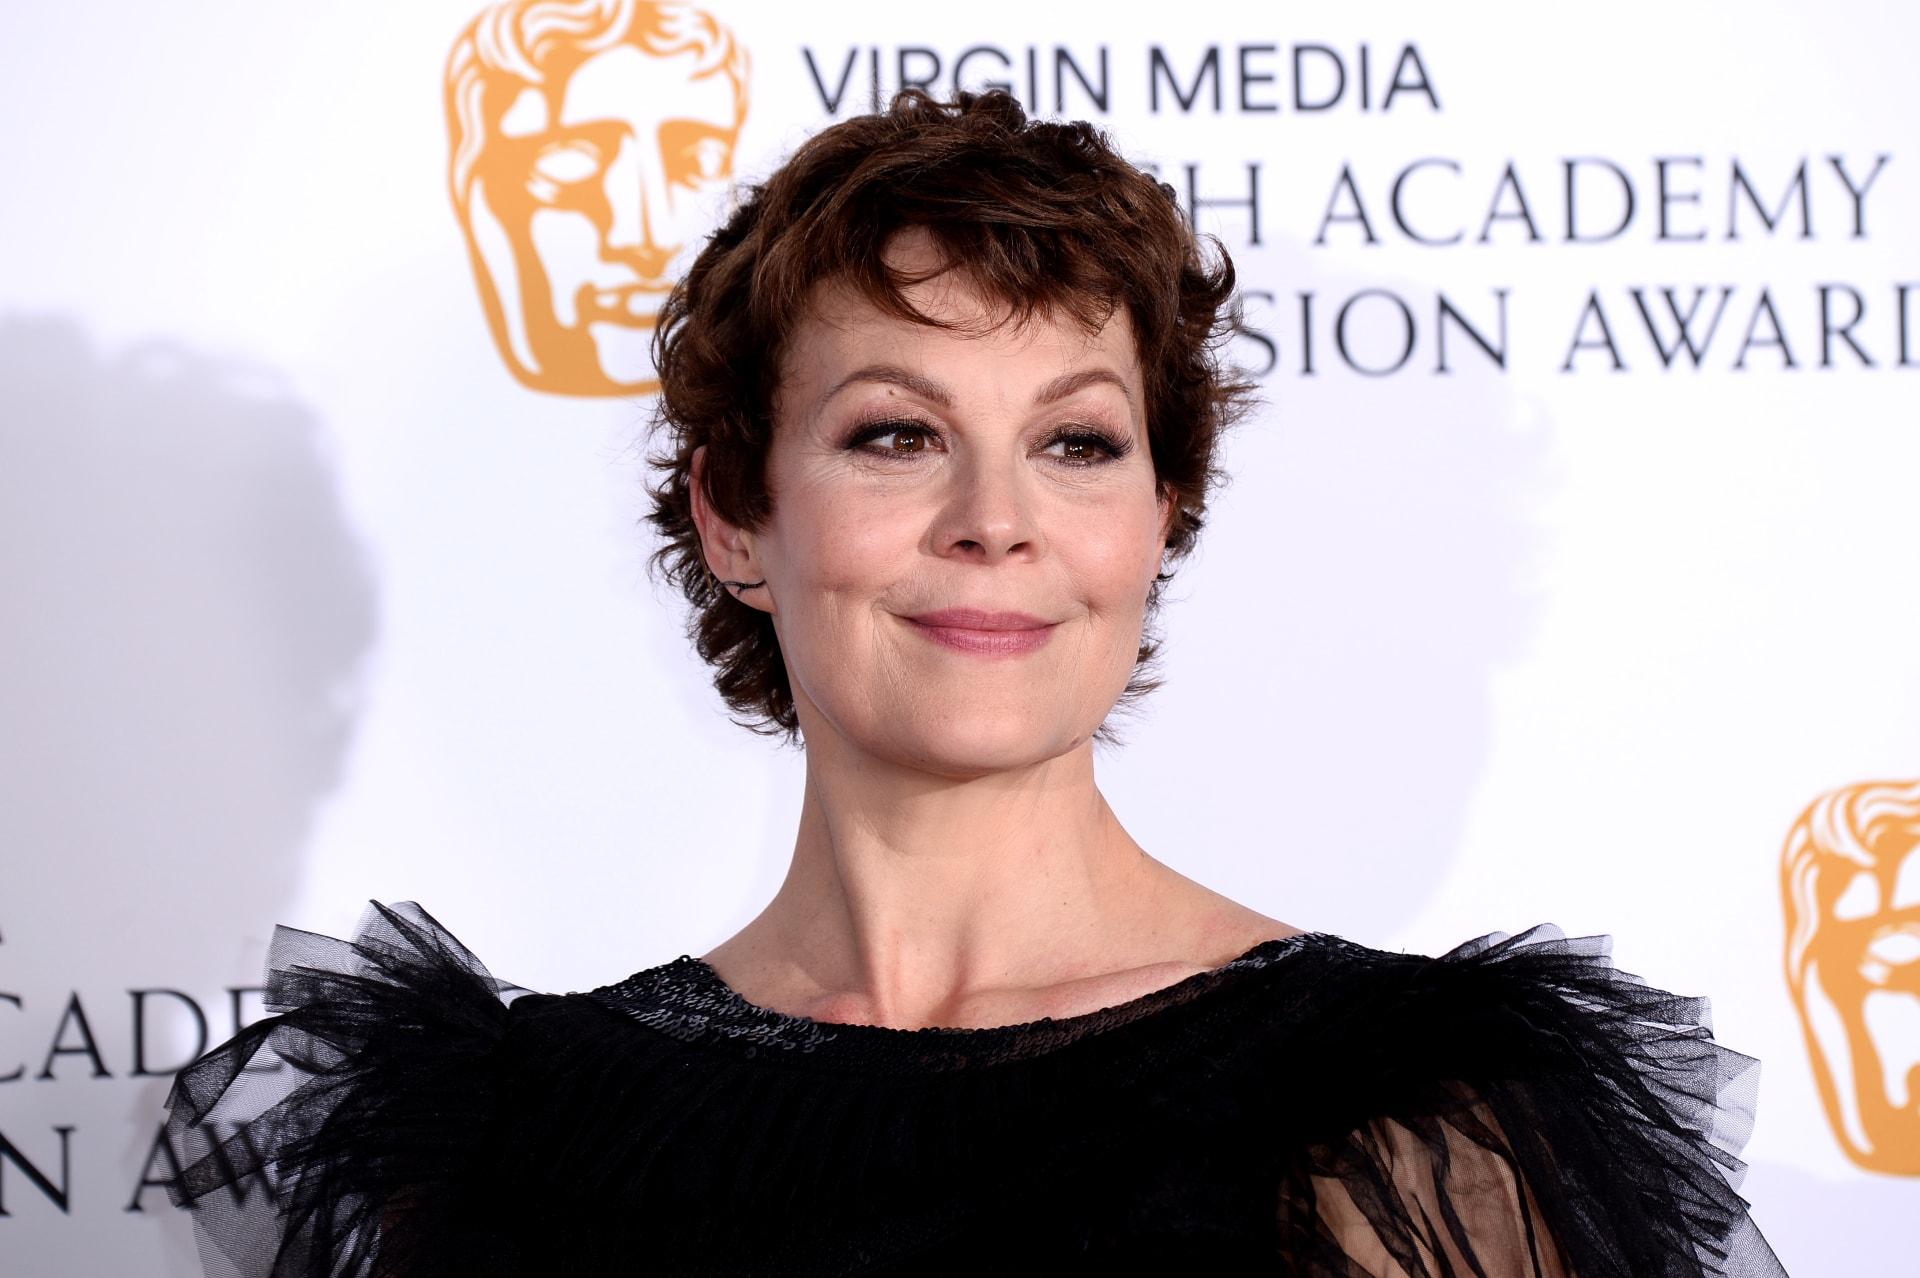 """وفاة الممثلة البريطانية هيلين ماكروري نجمة """"بيكي بلايندرز"""" عن عمر يناهز 52 عامًا"""